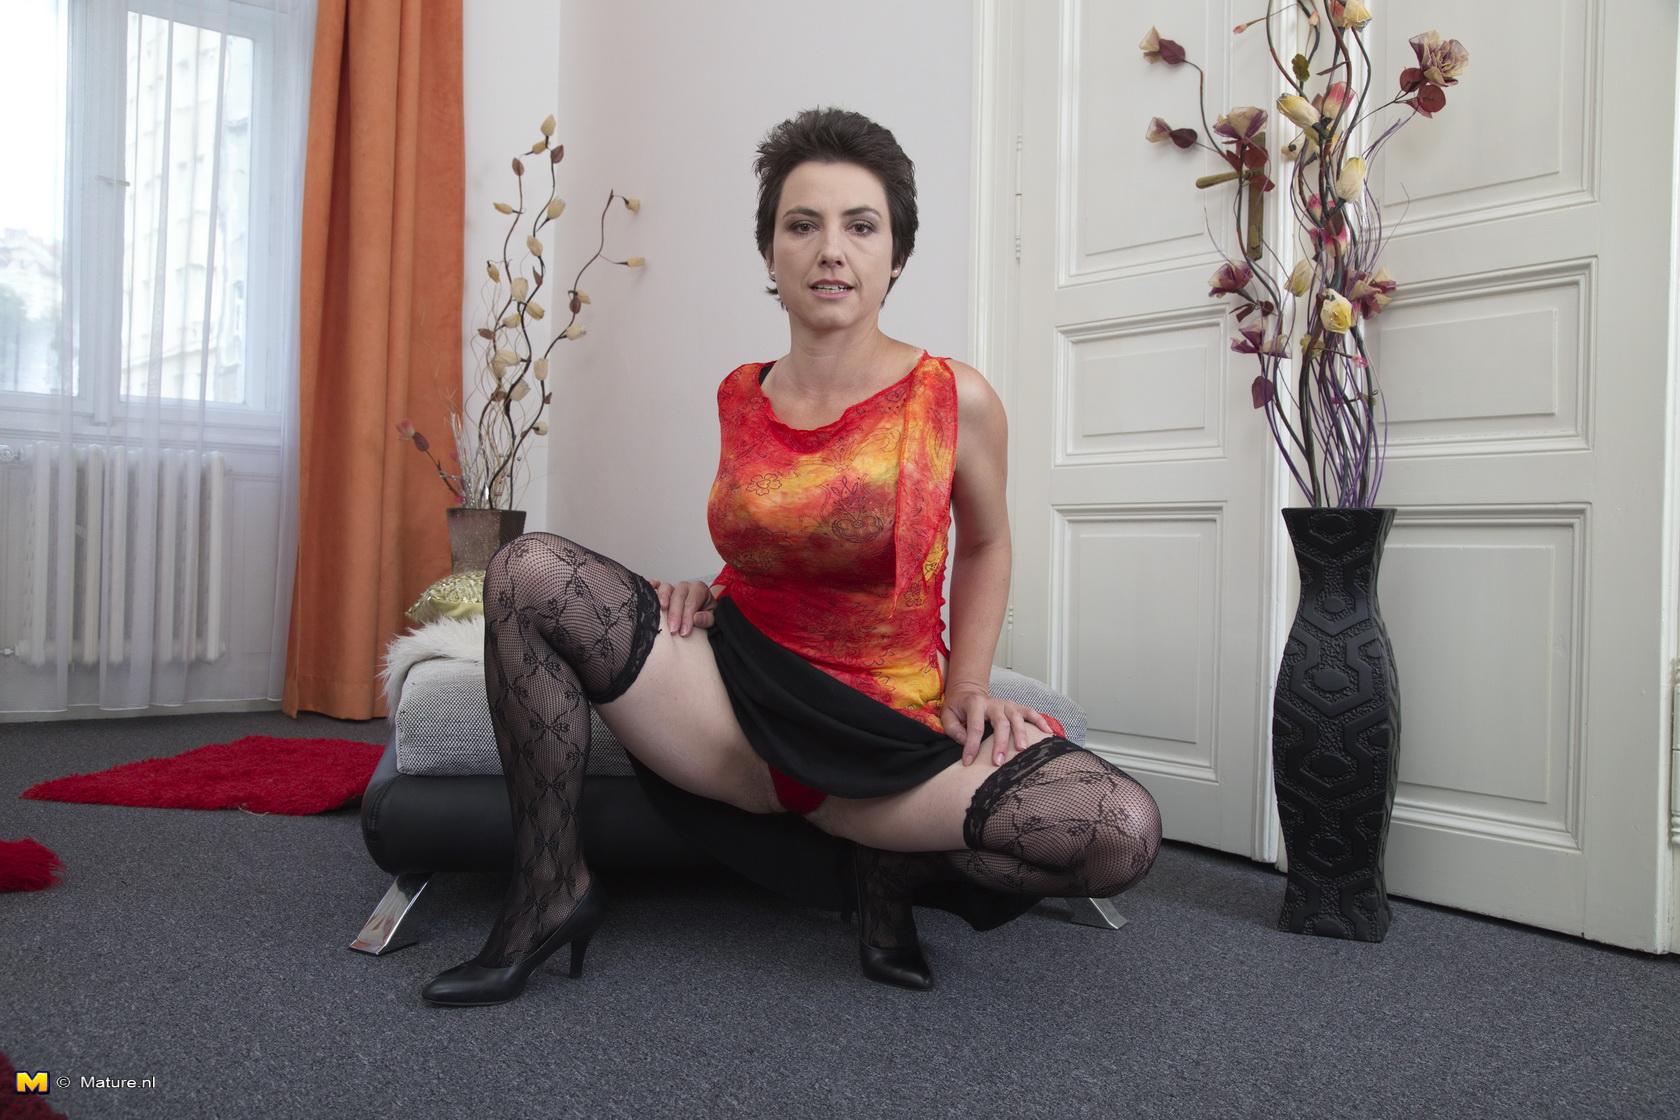 Nonporn naked older women pics